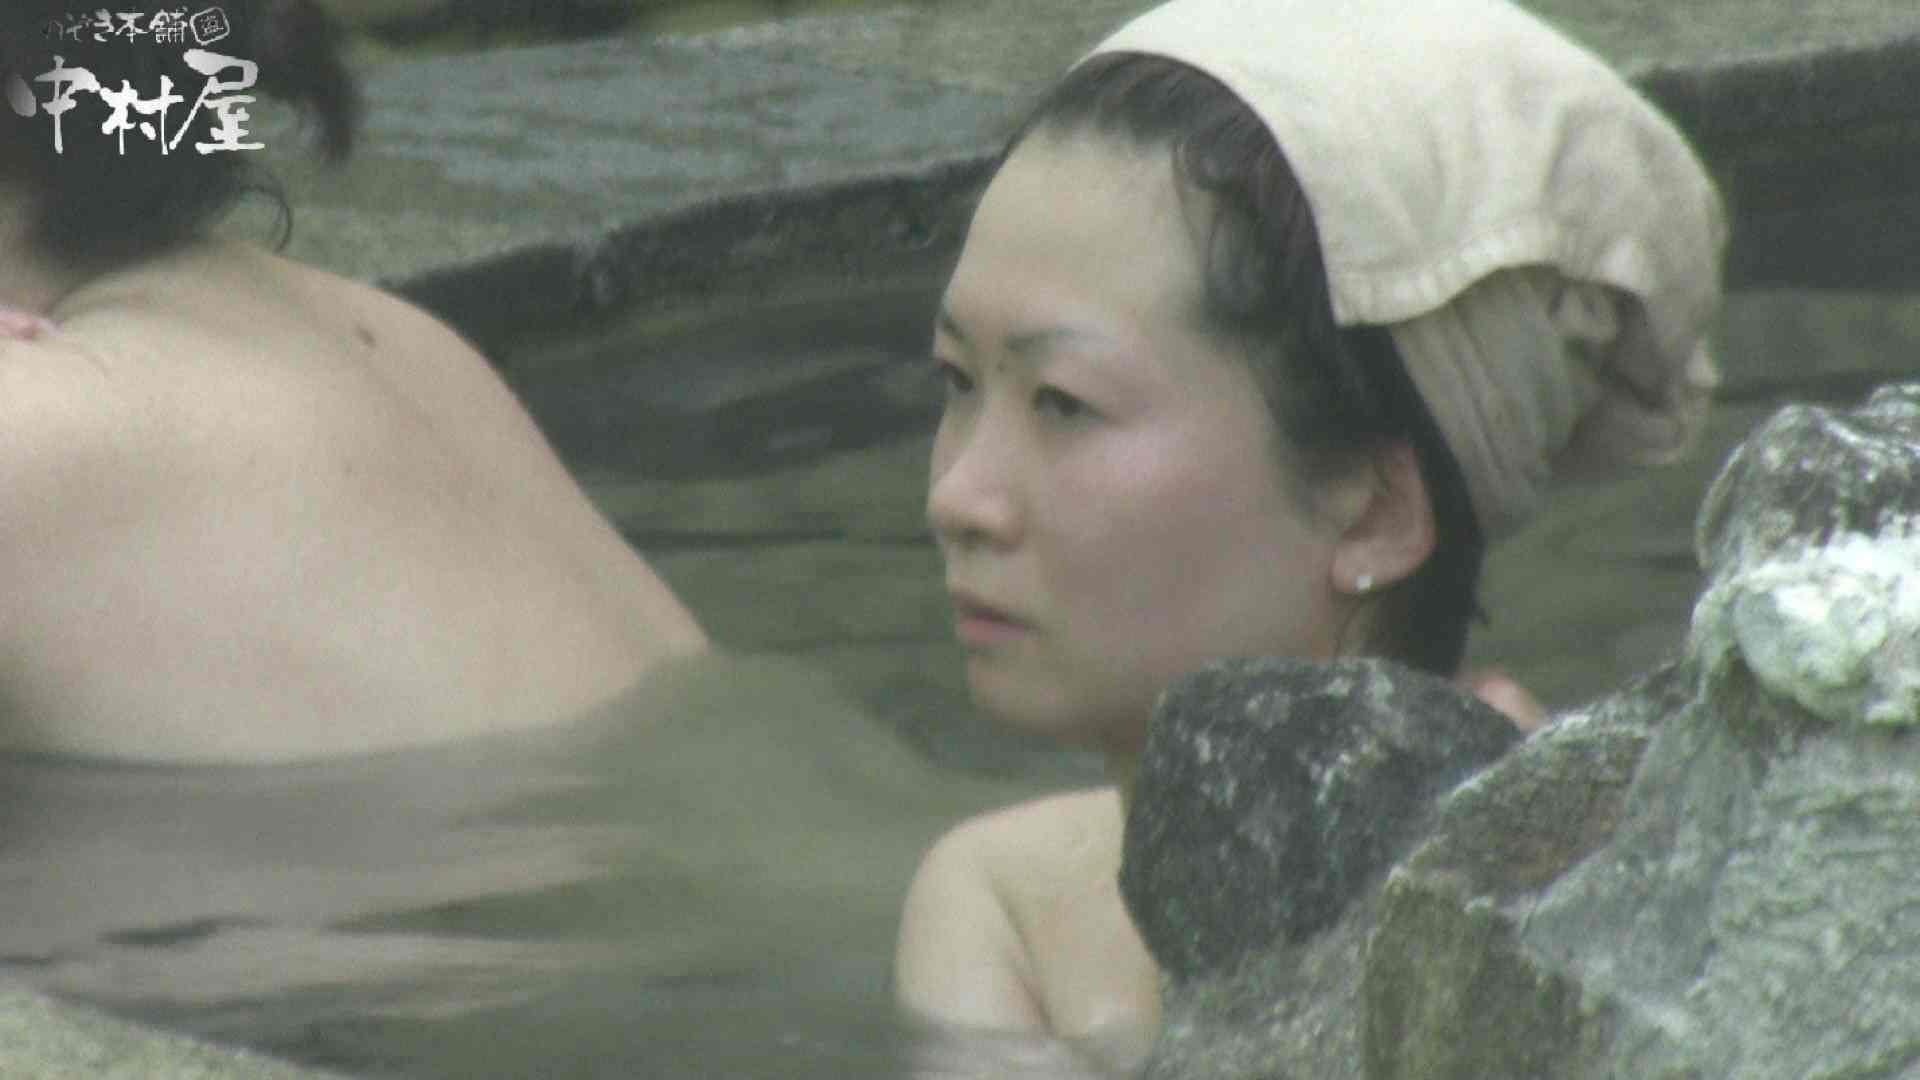 Aquaな露天風呂Vol.906 盗撮 | 露天  92画像 88